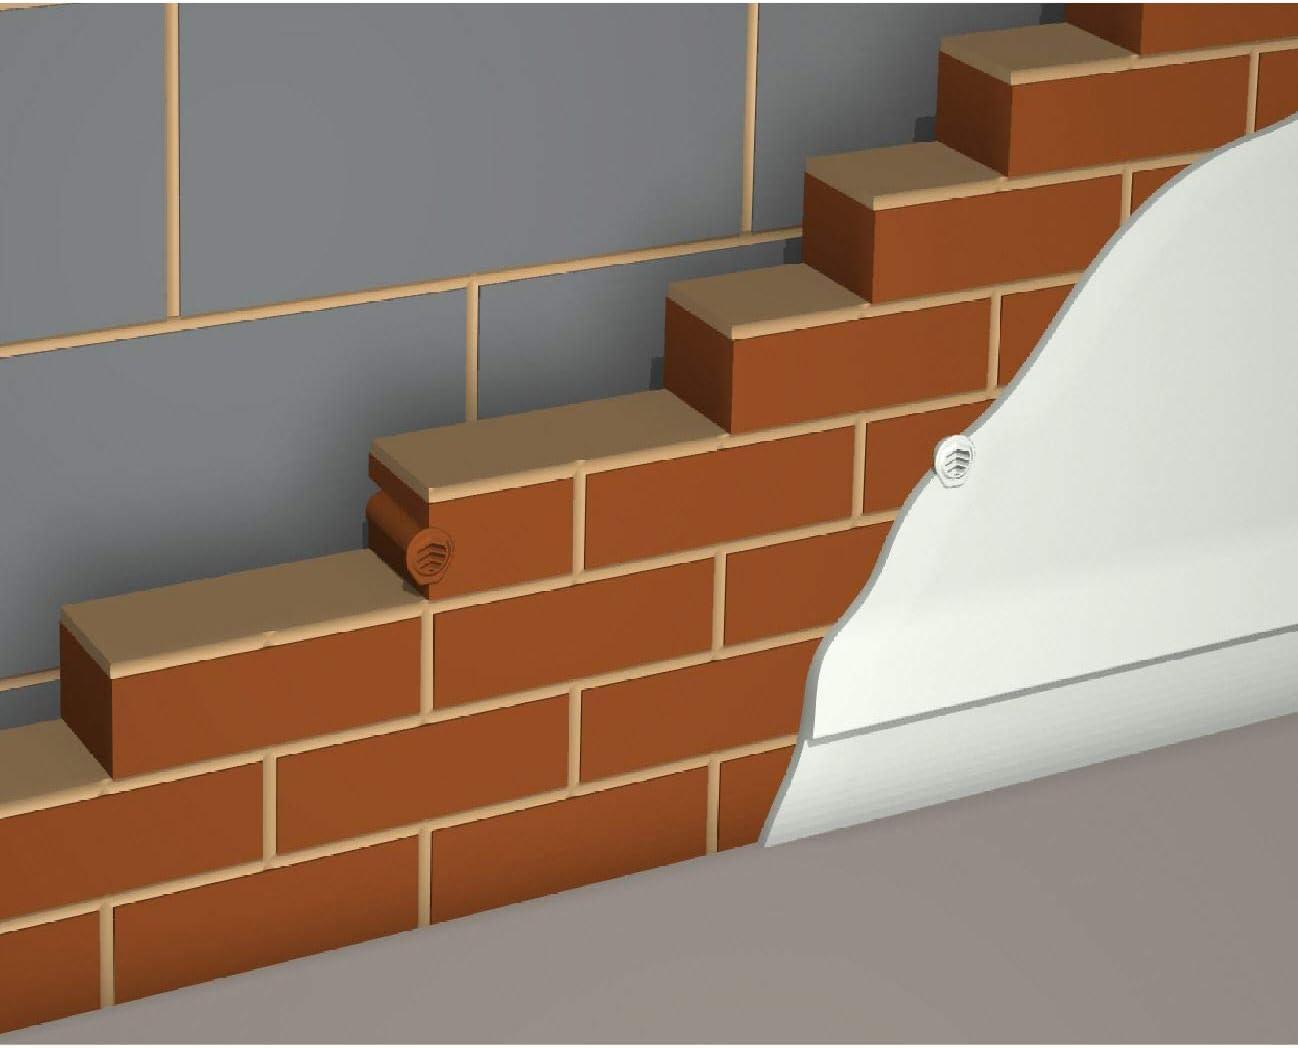 5 x en terre cuite perceuse pleurer /évents autour de cavit/é de syst/ème de ventilation//conservant mur murs